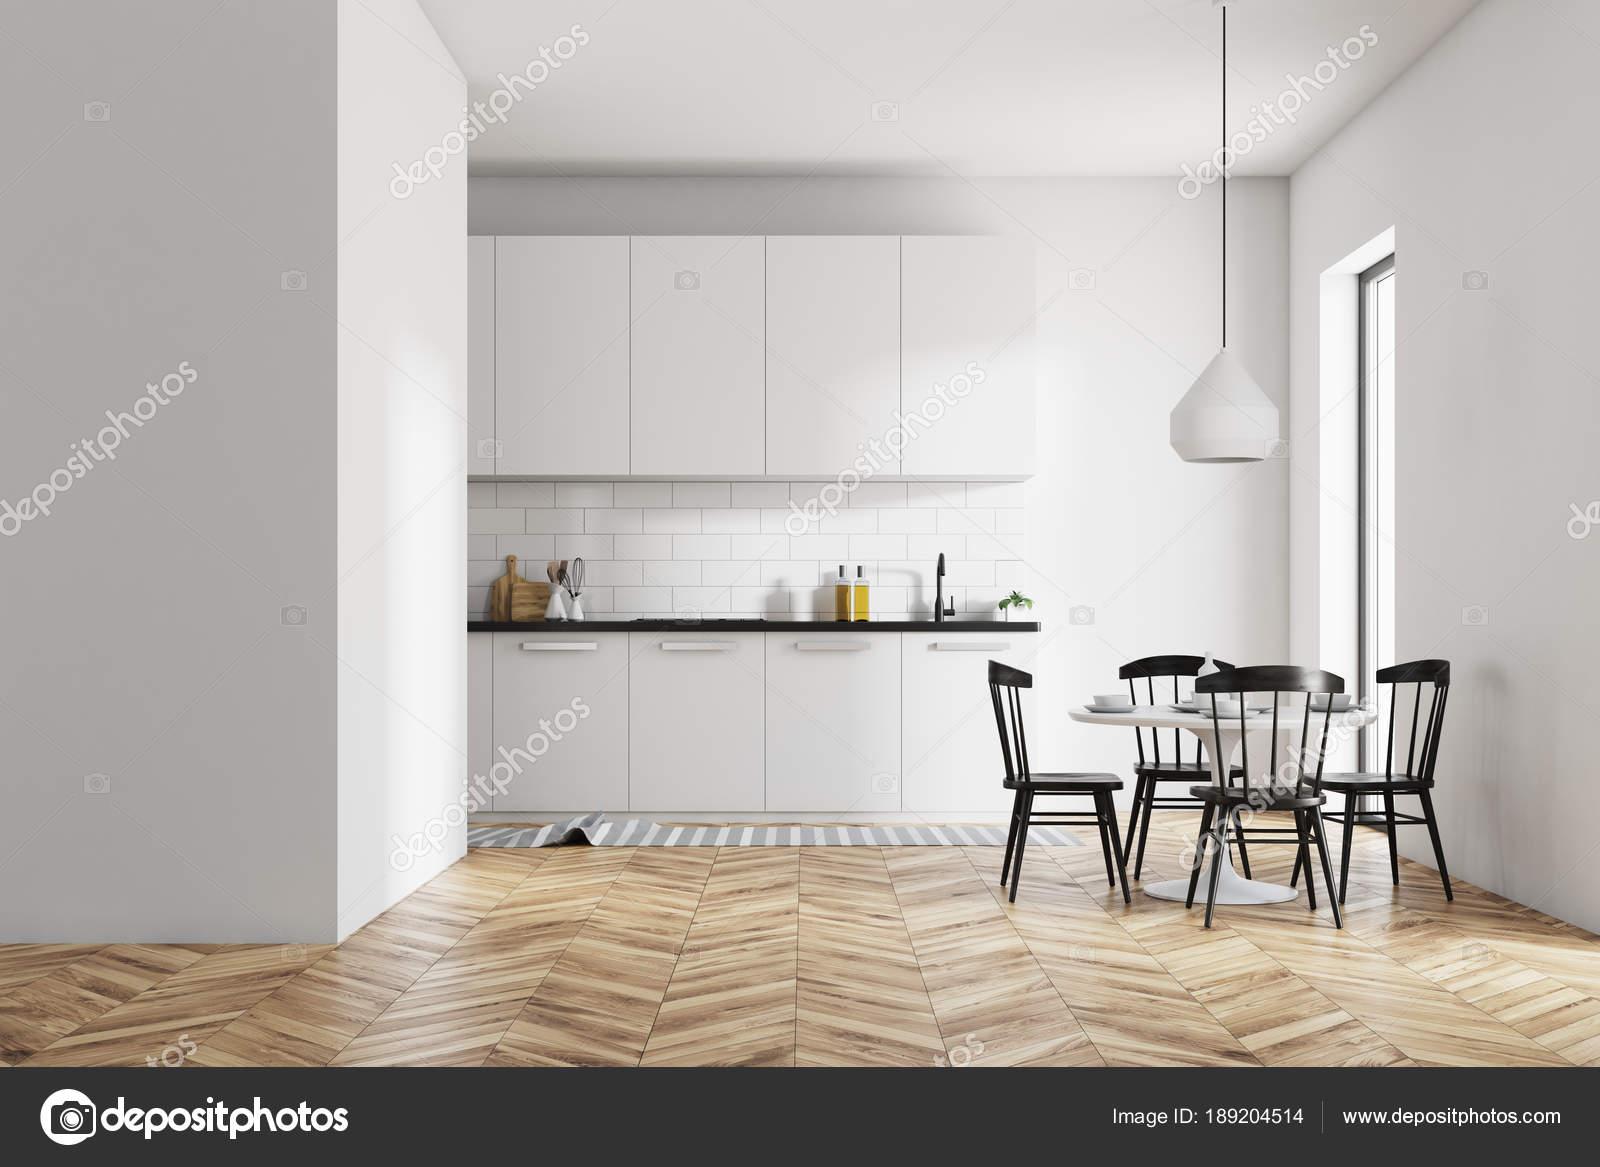 Witte Eetkamer Stoel : Witte eetkamer en keuken muur u2014 stockfoto © denisismagilov #189204514